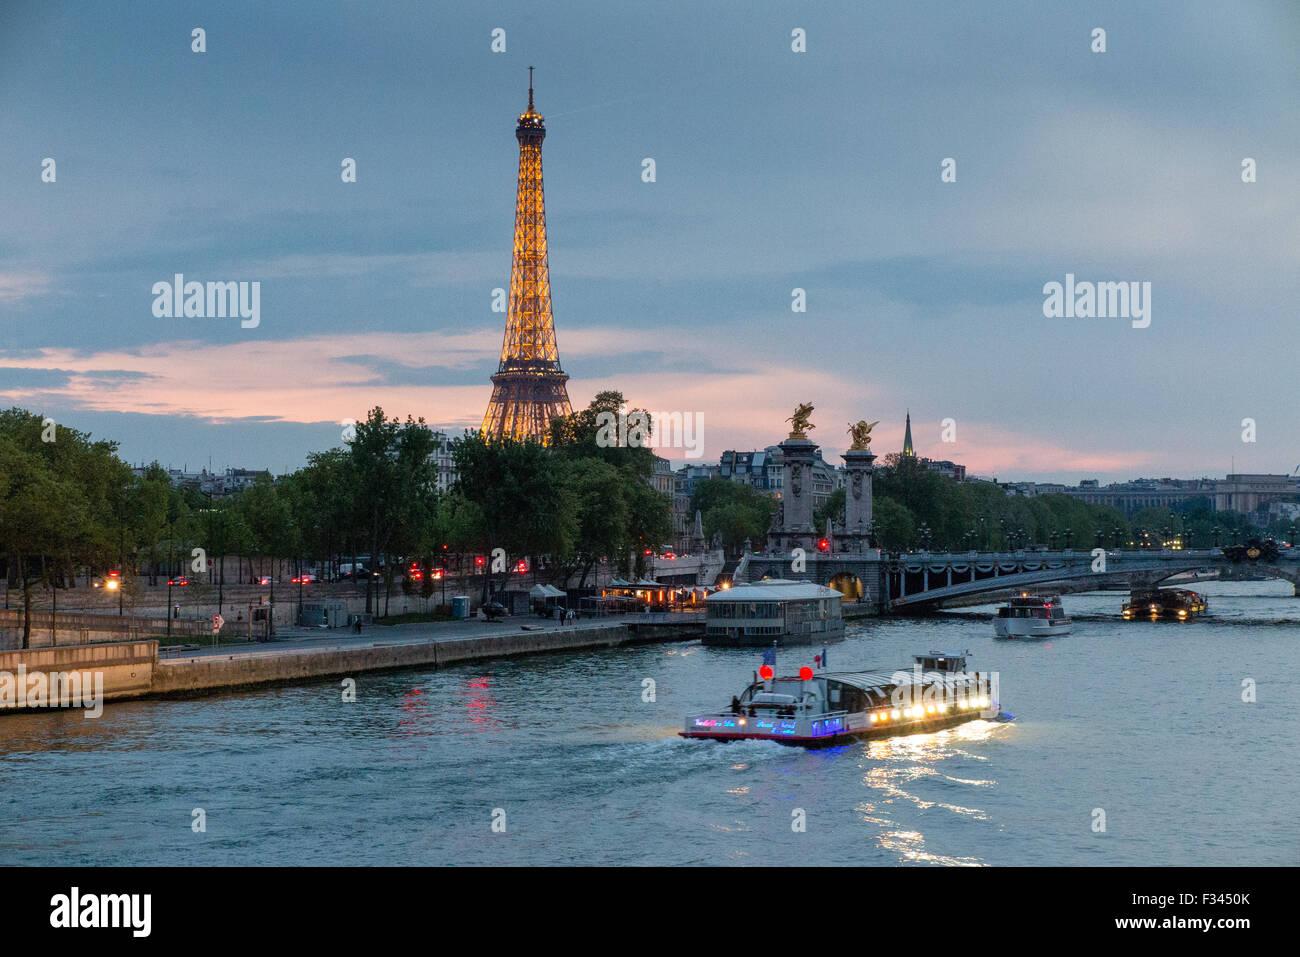 La Torre Eiffel y el río Sena, París, Francia Imagen De Stock